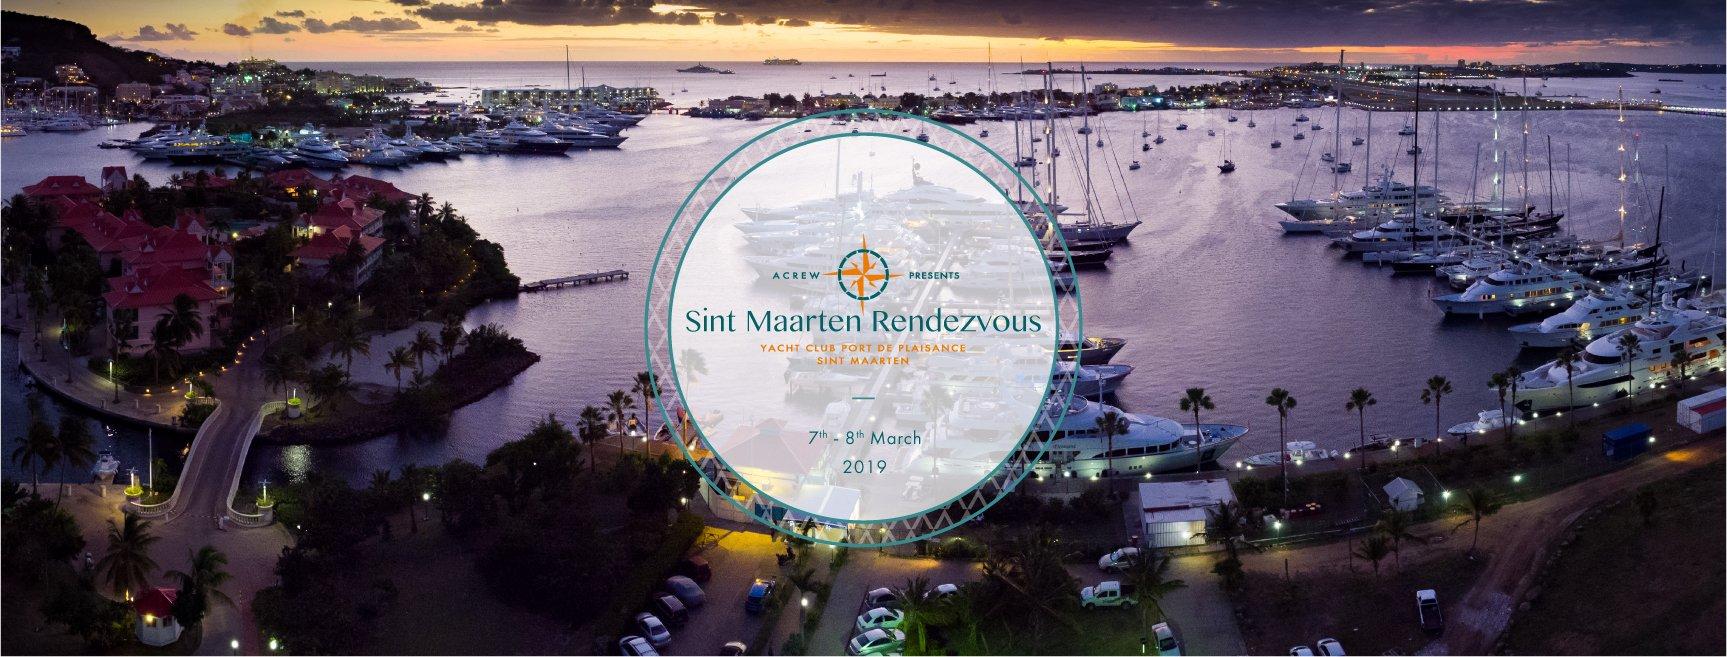 Sint Maarten Rendezvous 2019 at Yacht Club Port de Plaisance